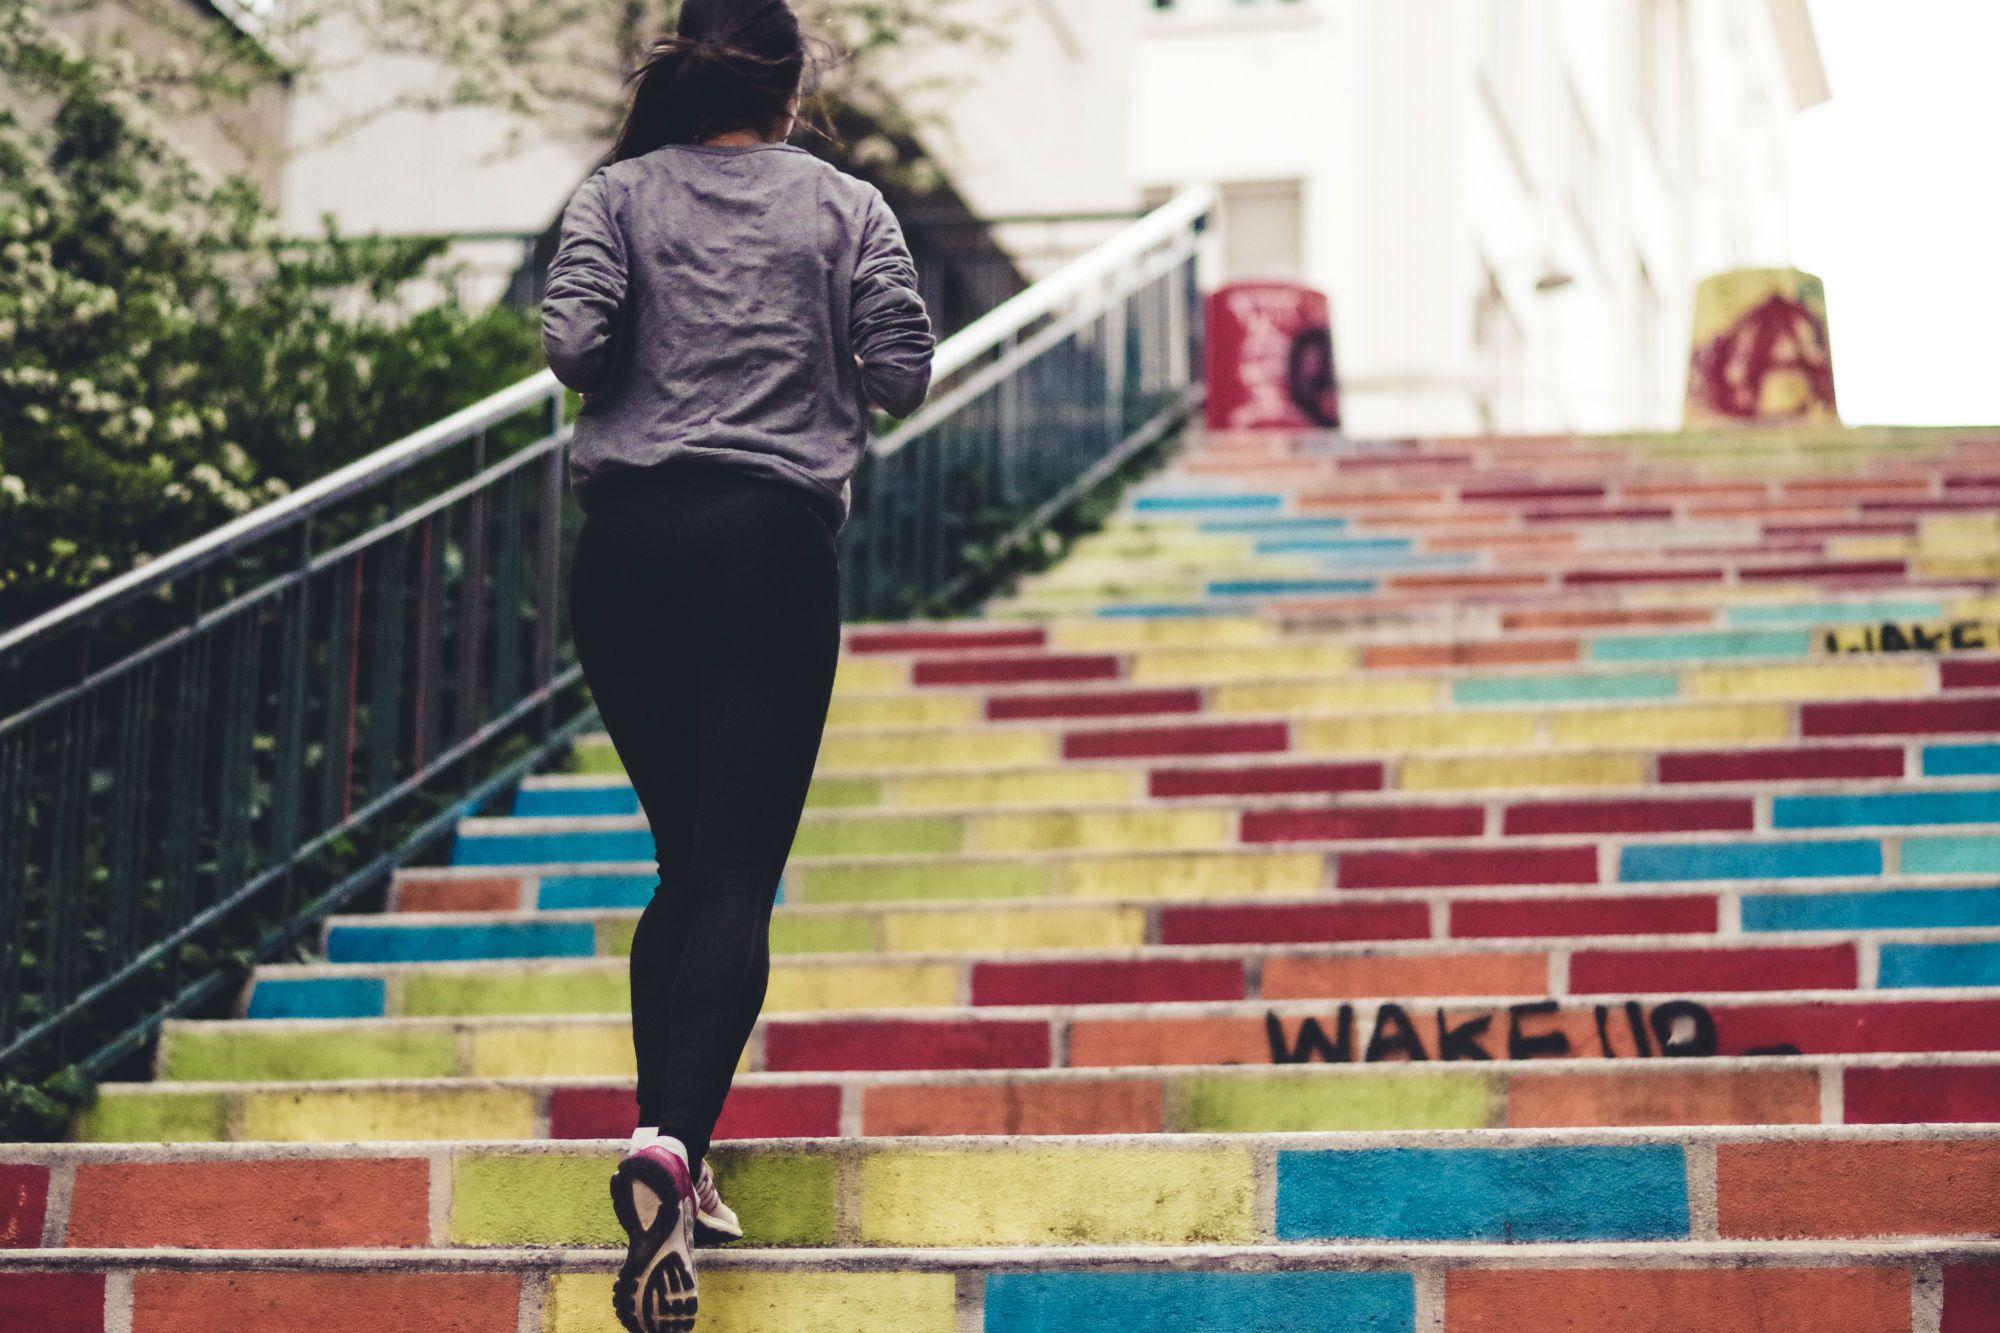 quiero empezar a hacer ejercicio en casa